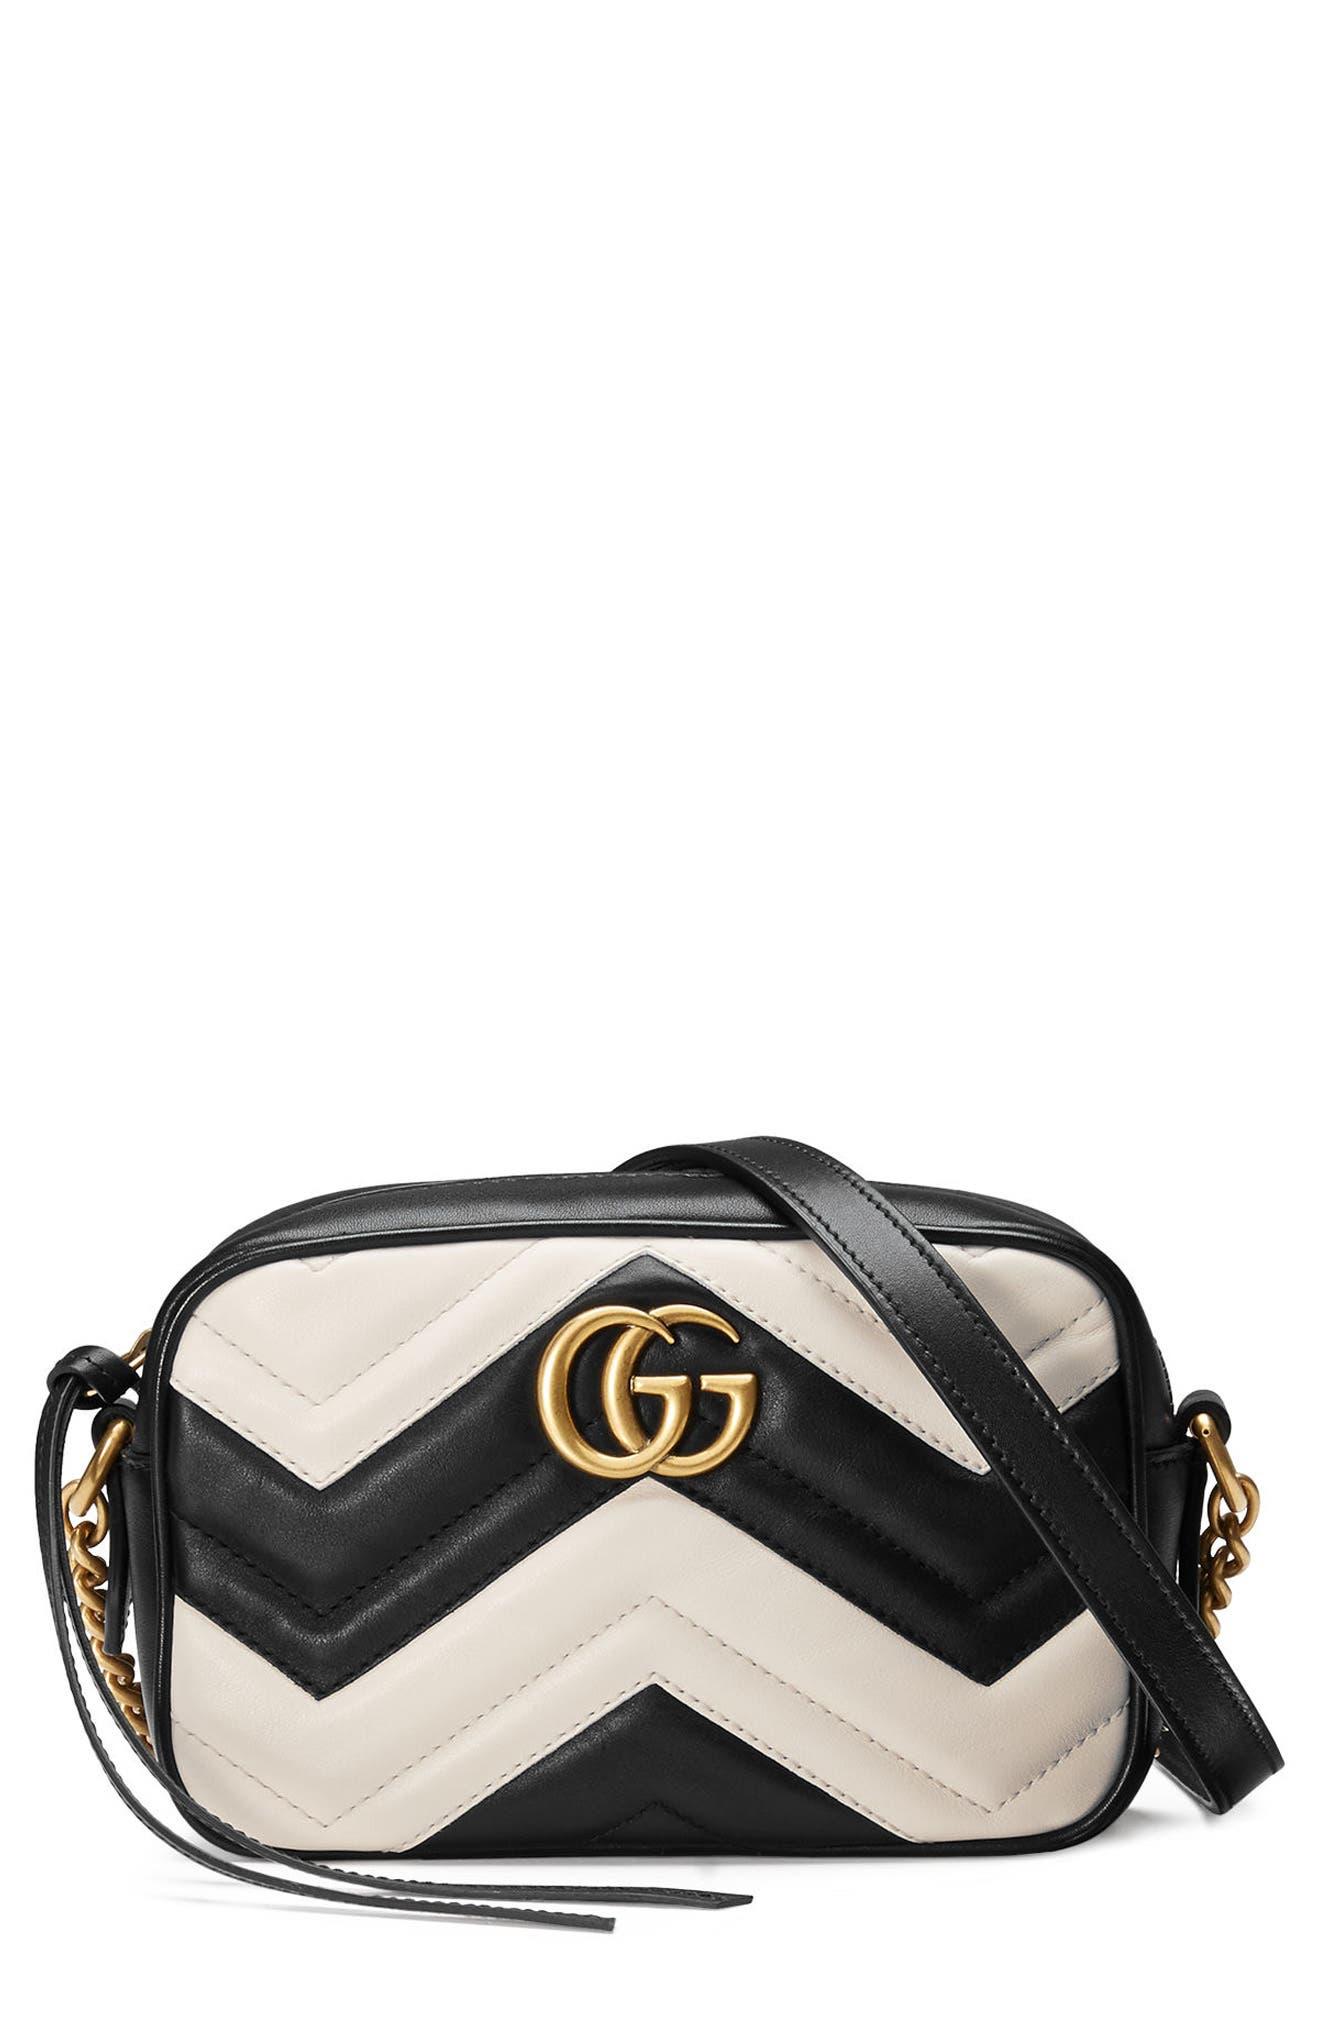 Gucci Mini GG Marmont Matelassé Leather Shoulder Bag